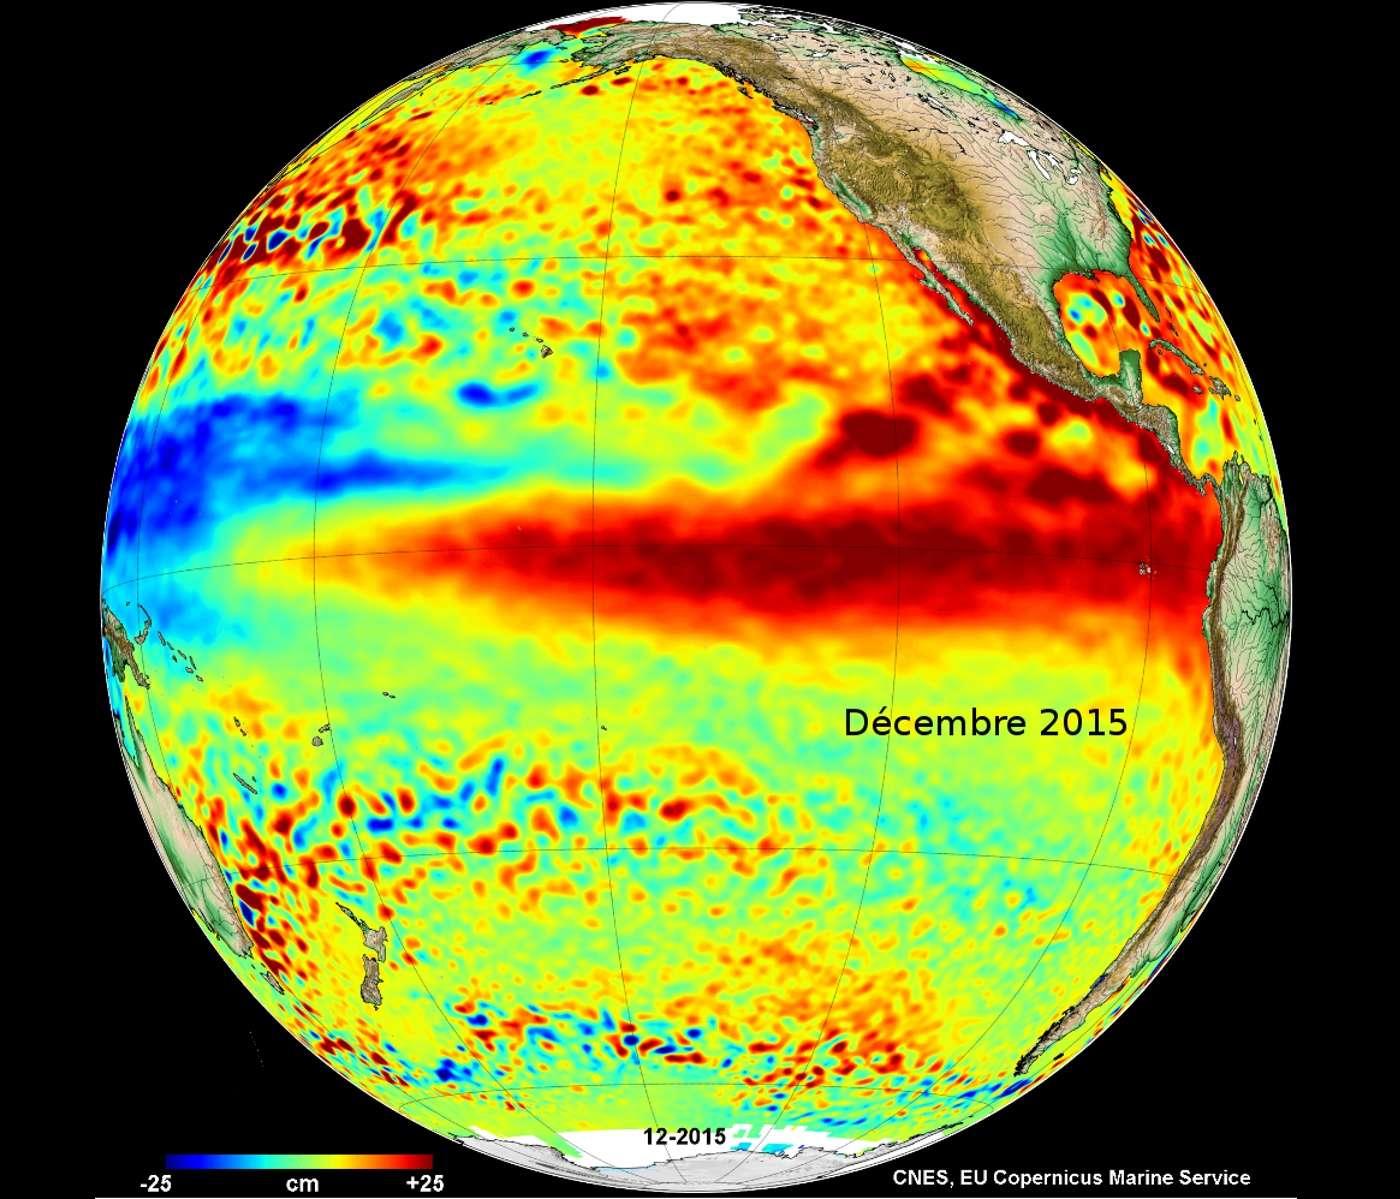 Le portail de référence de l'altimétrie Aviso+ a publié sa dernière carte mensuelle des anomalies de hauteur des mers. La longue langue rouge centrée sur l'équateur d'El Niño saute aux yeux. Surnommé « l'enfant terrible du Pacifique », celui-ci induit une élévation du niveau des mers d'environ 20 cm mesurée par des satellites comme Jason-2, situé sur une orbite à 1.336 km d'altitude. © Cnes, EU Copernicus Marine Service